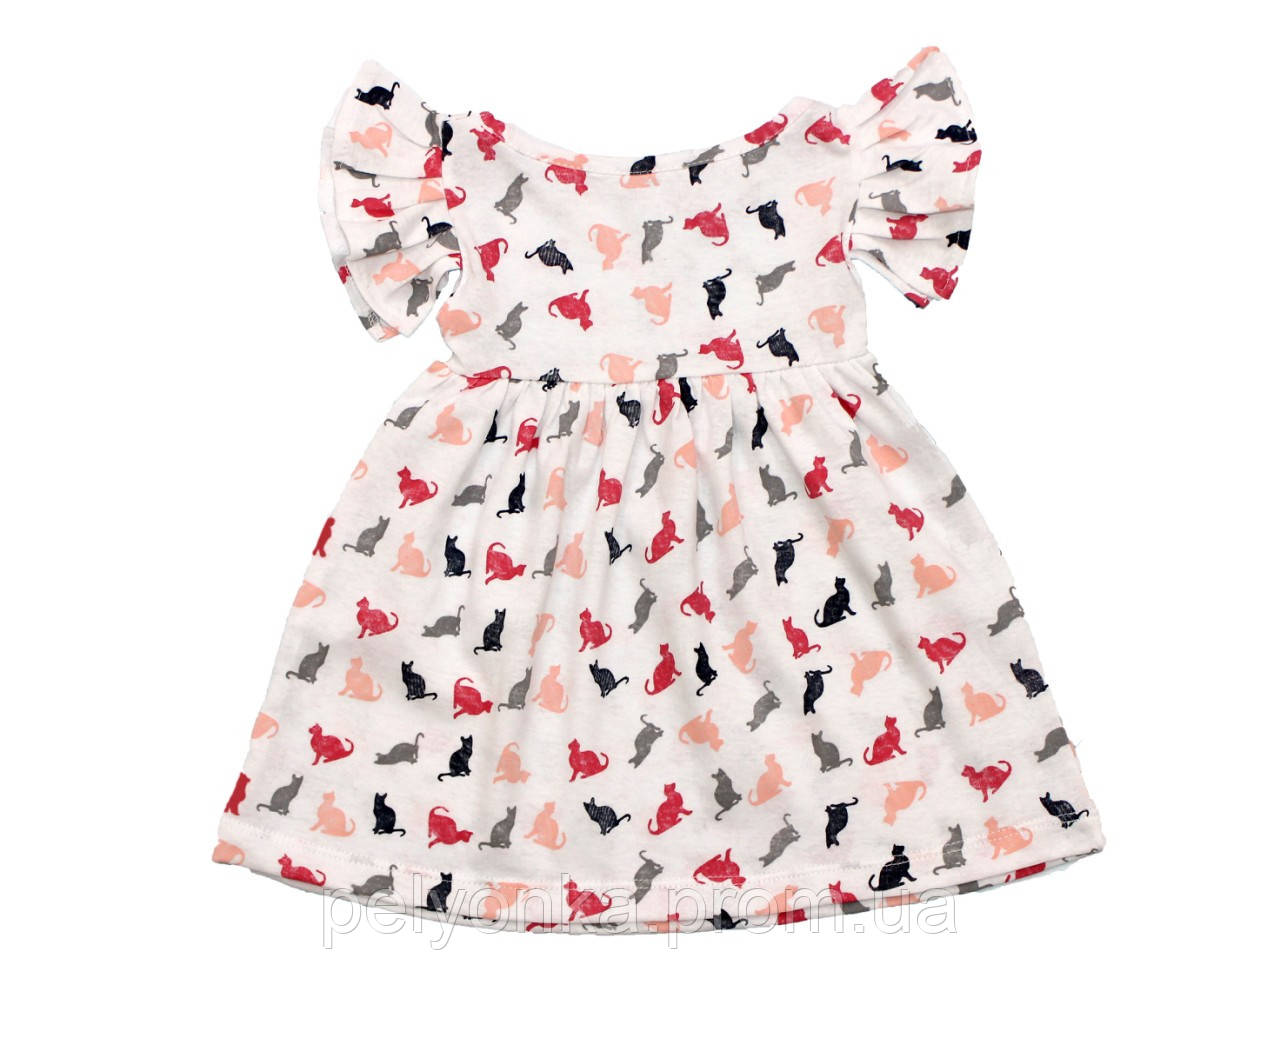 Детское летнее платье «Котики»для девочек